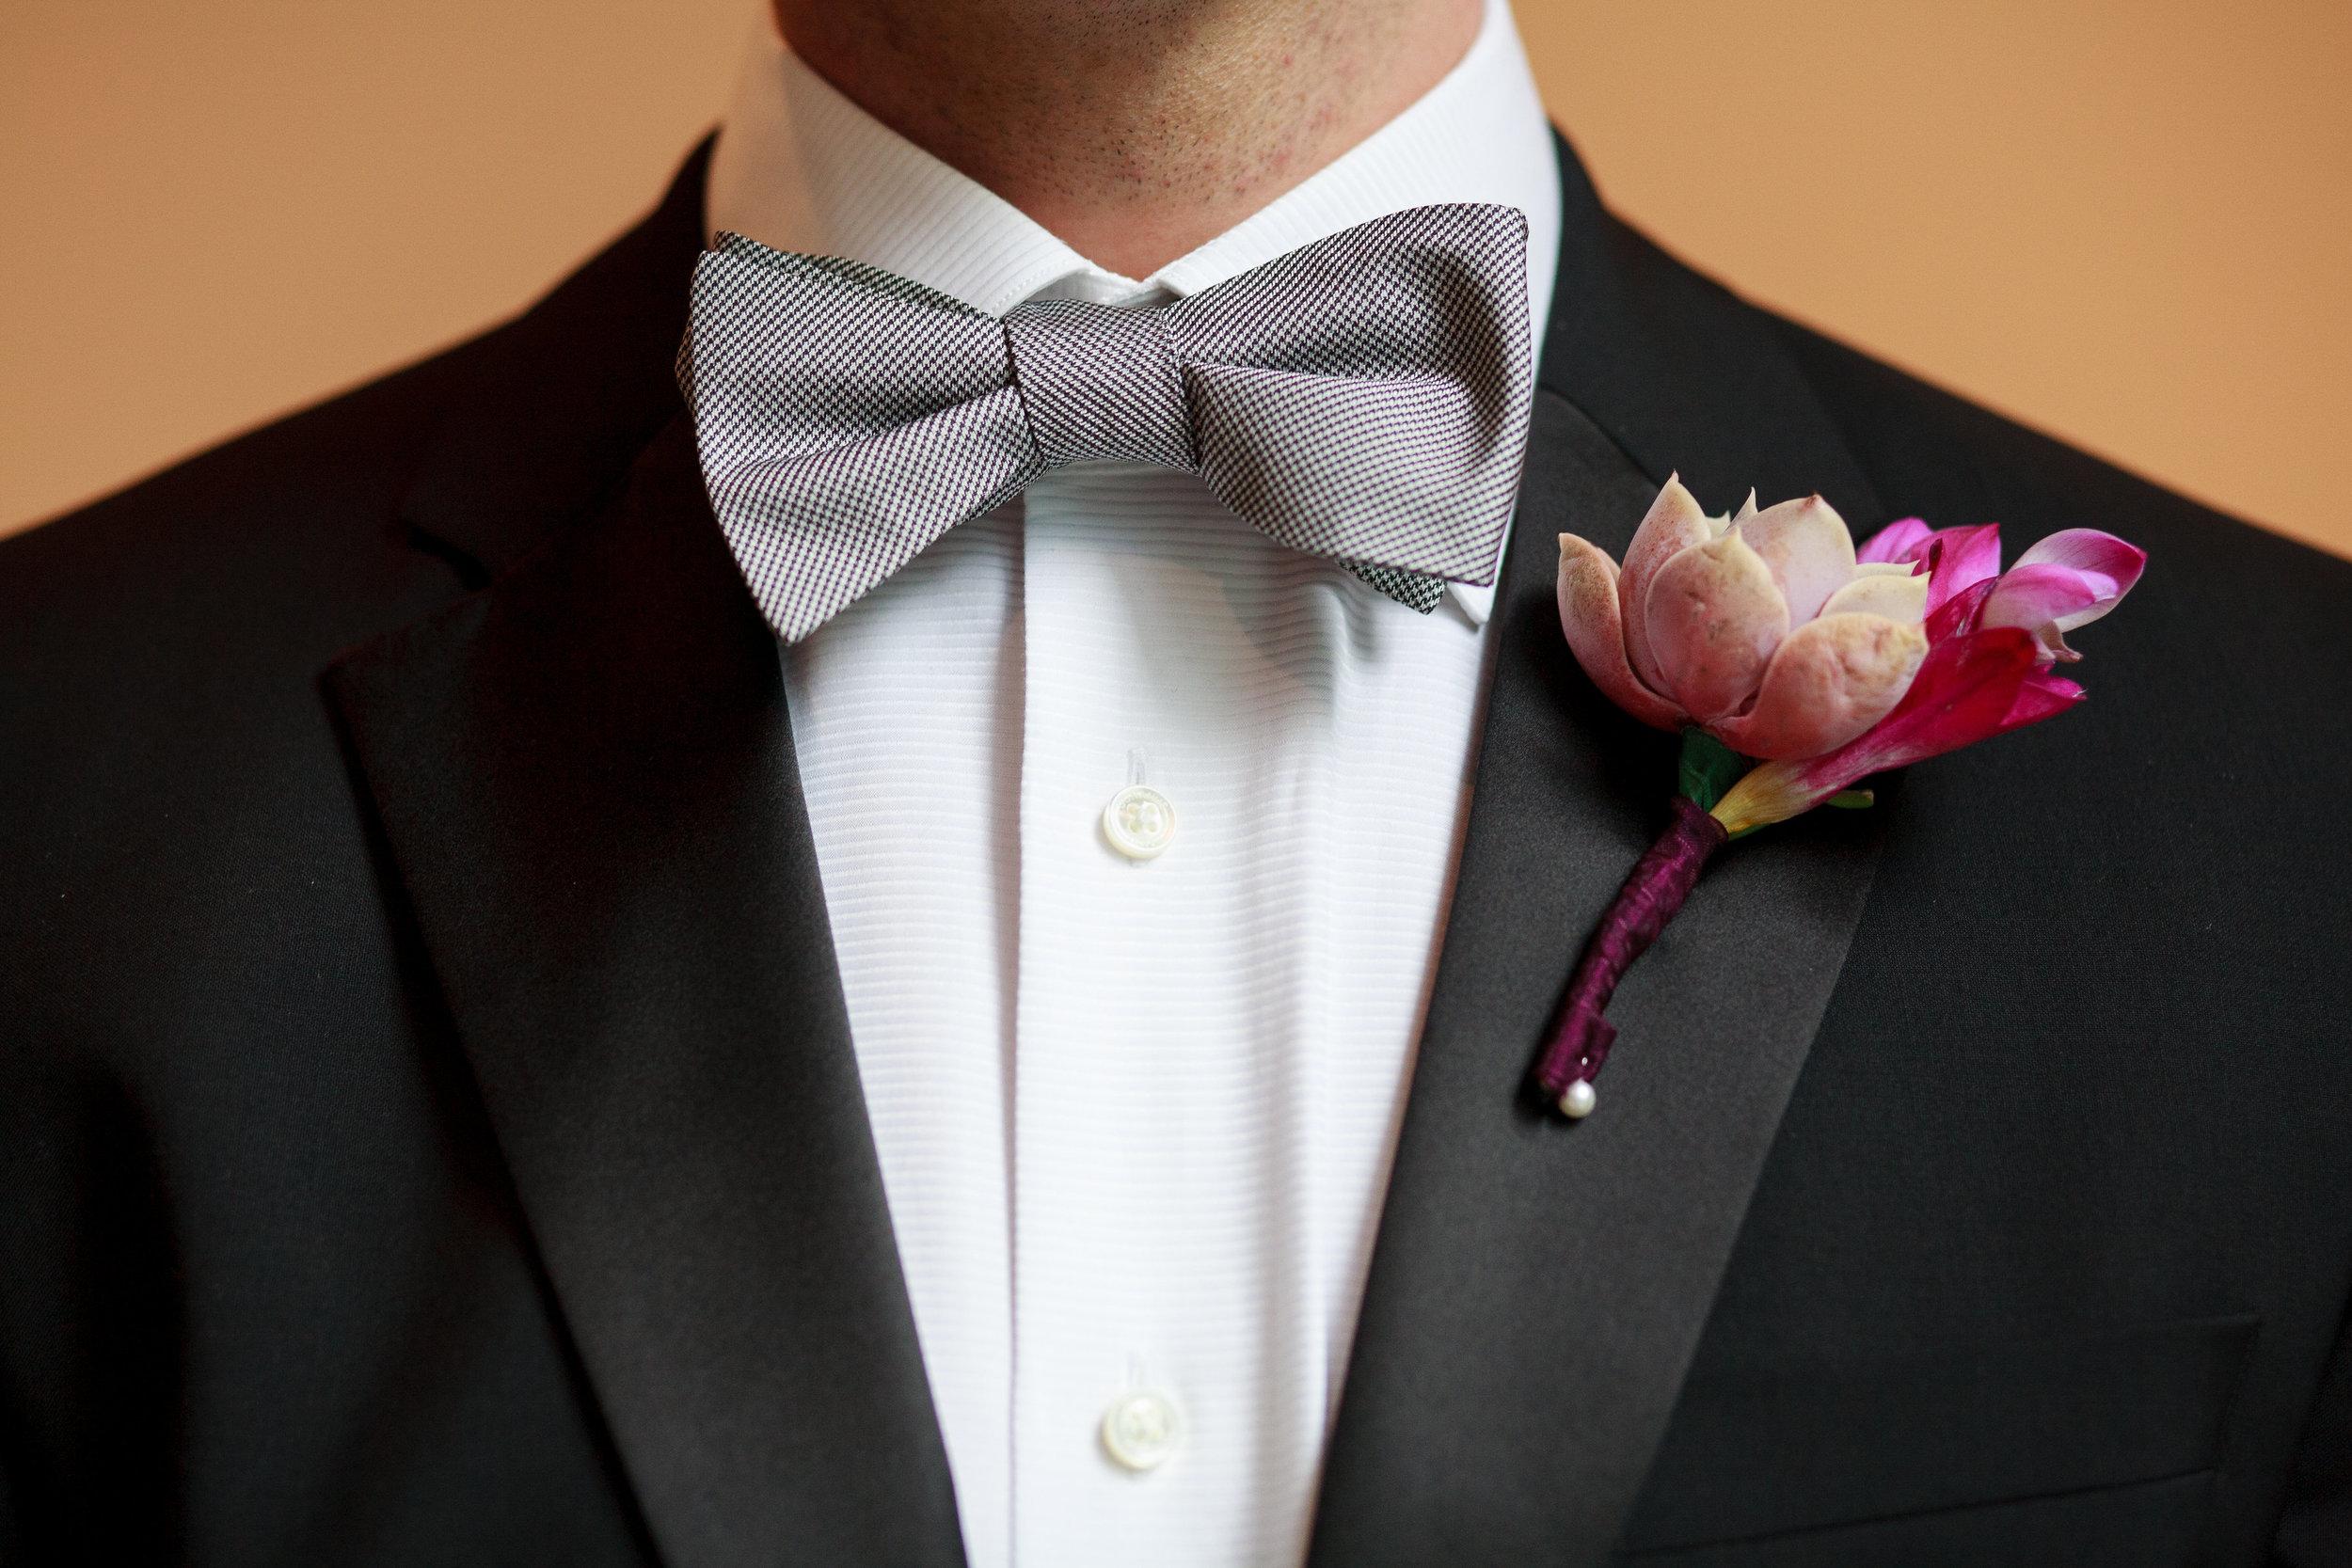 wedding, Arizona wedding, art museum wedding, wedding planner, wedding lighting, Phoenix-Scottsdale-Arizona-Wedding-Planner-Wedding-Venue-Destination-Wedding-Planner